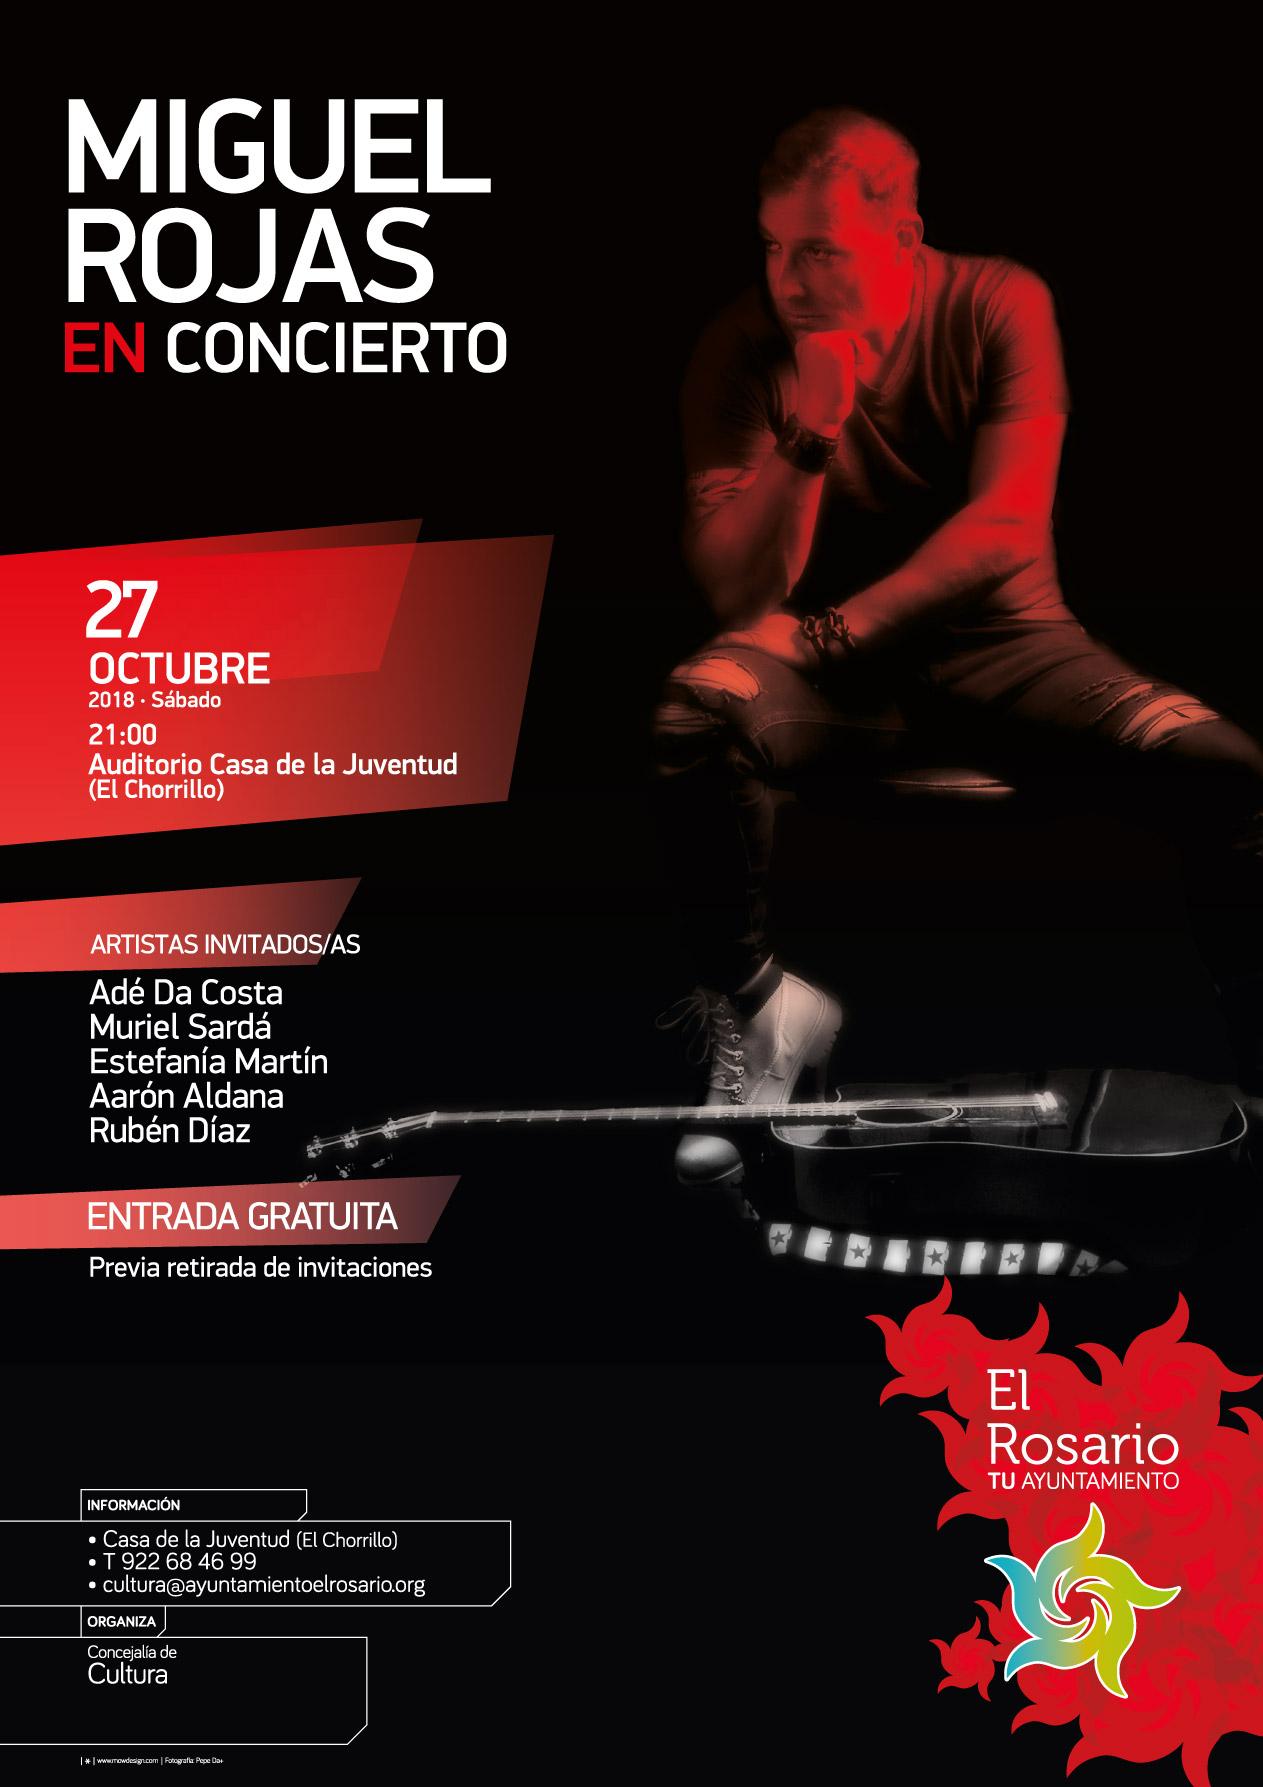 CONCIERTO-MIGUEL_ROJAS-20181027-CARTEL_A3-20181018-01af-redes